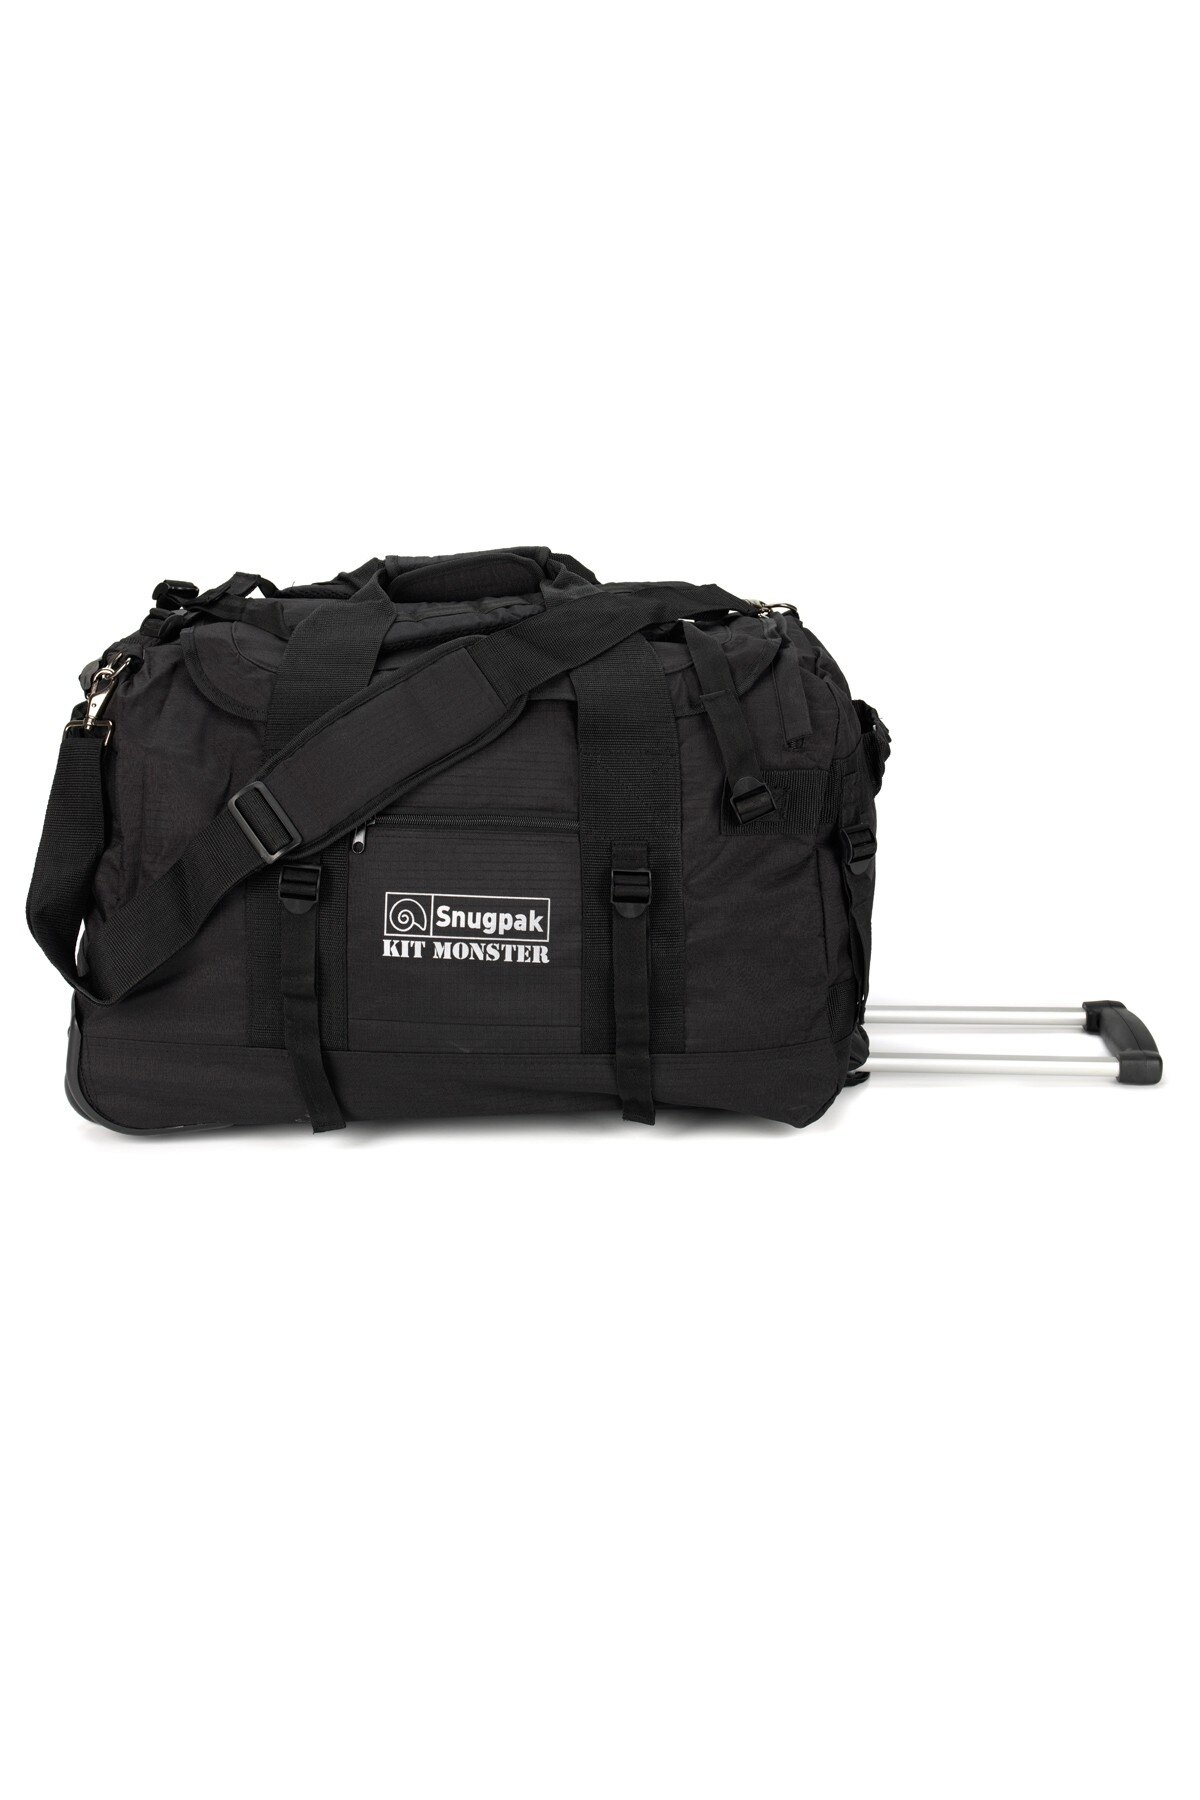 Cestovní taška Monster Roller Snugpak® 65 litrů (Farba: Čierna)